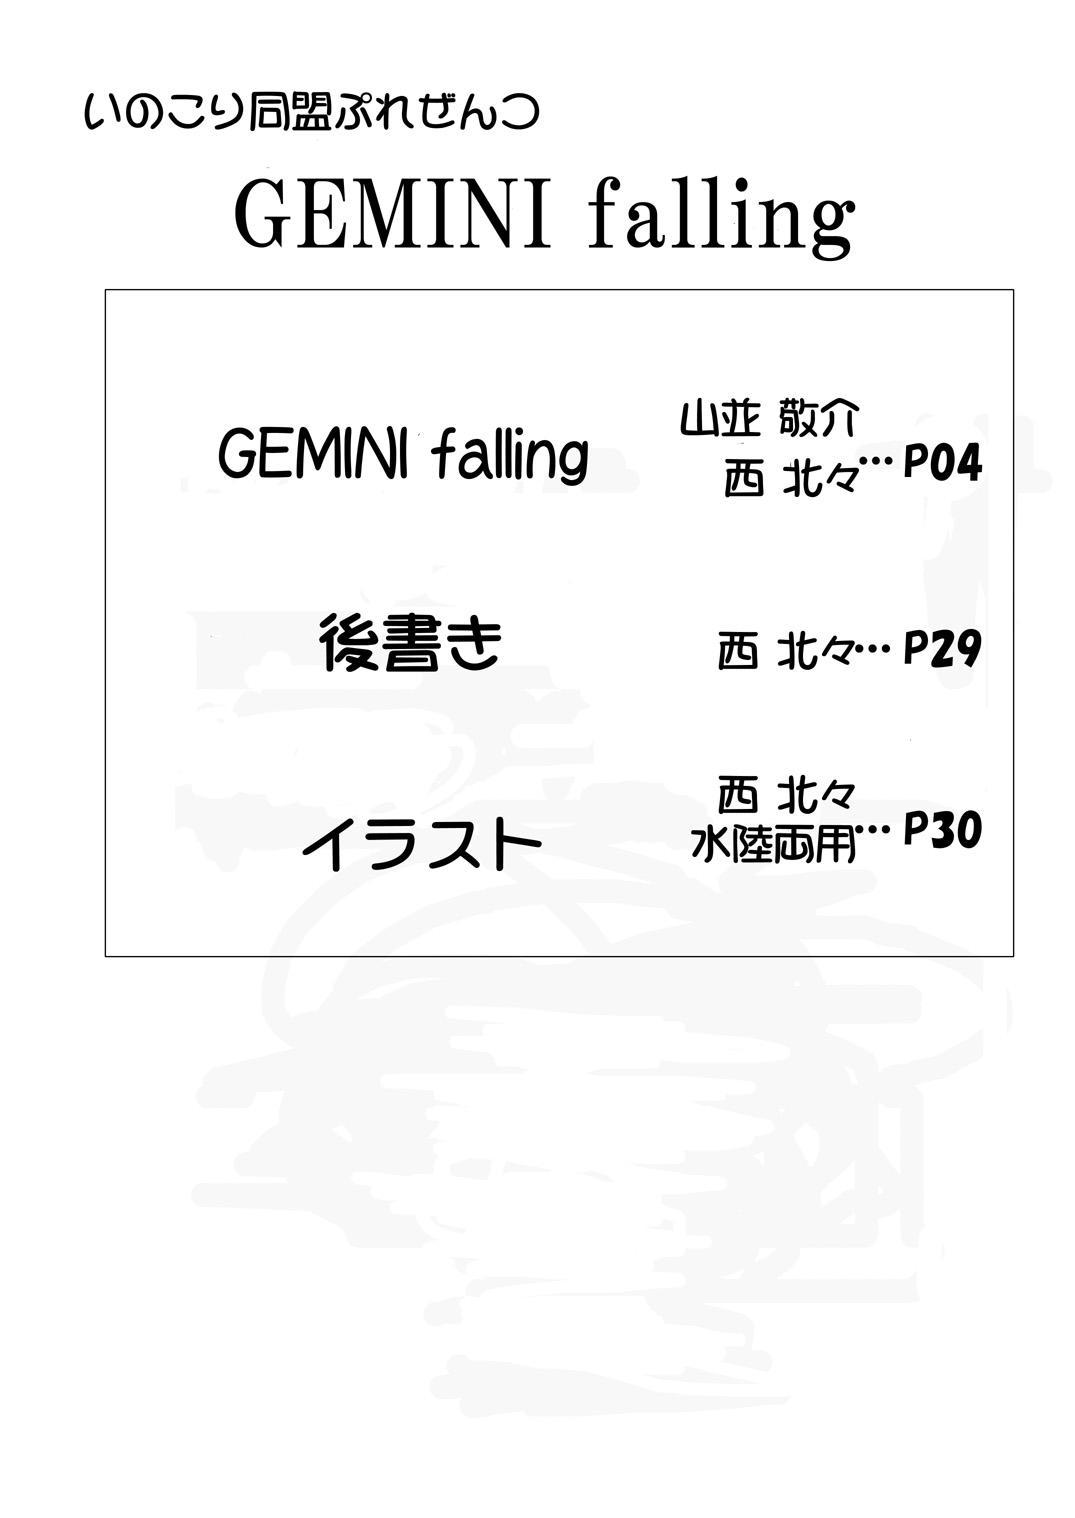 GEMINI falling 2